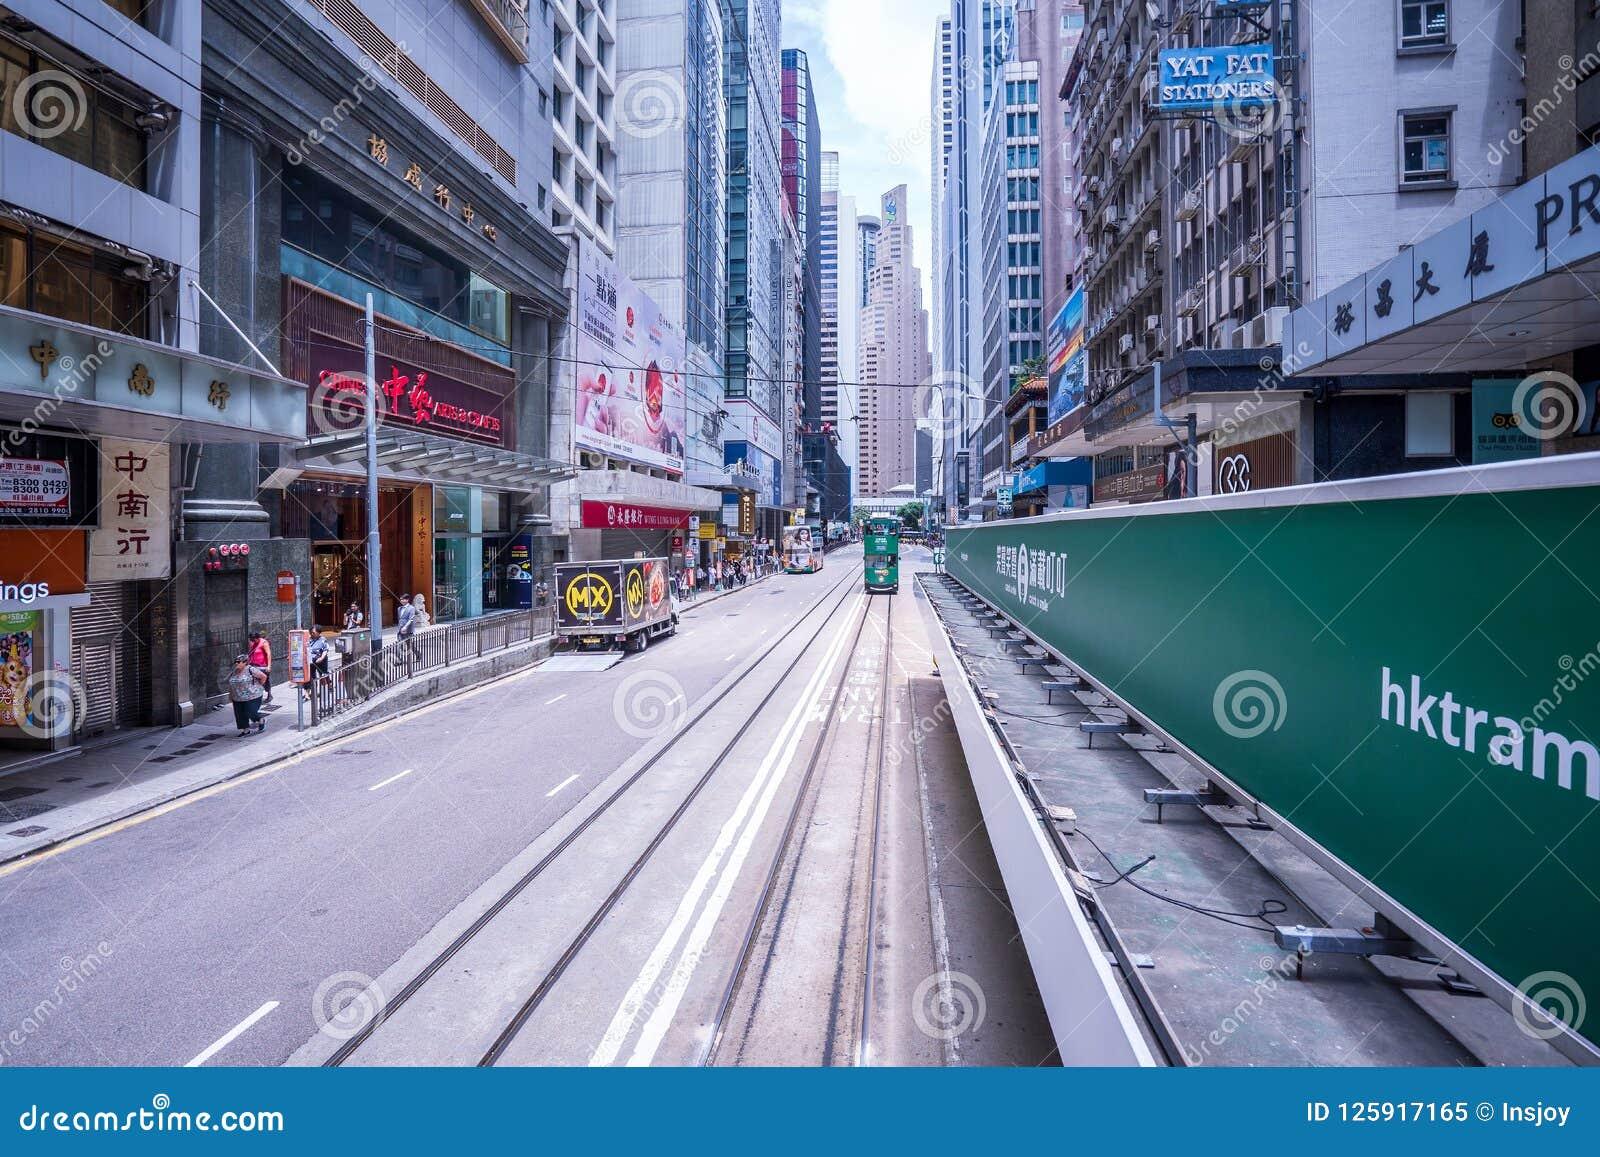 香港电车轨道,香港` s电车在两个方向运行--东部和西部乘客倾斜作为香港电车